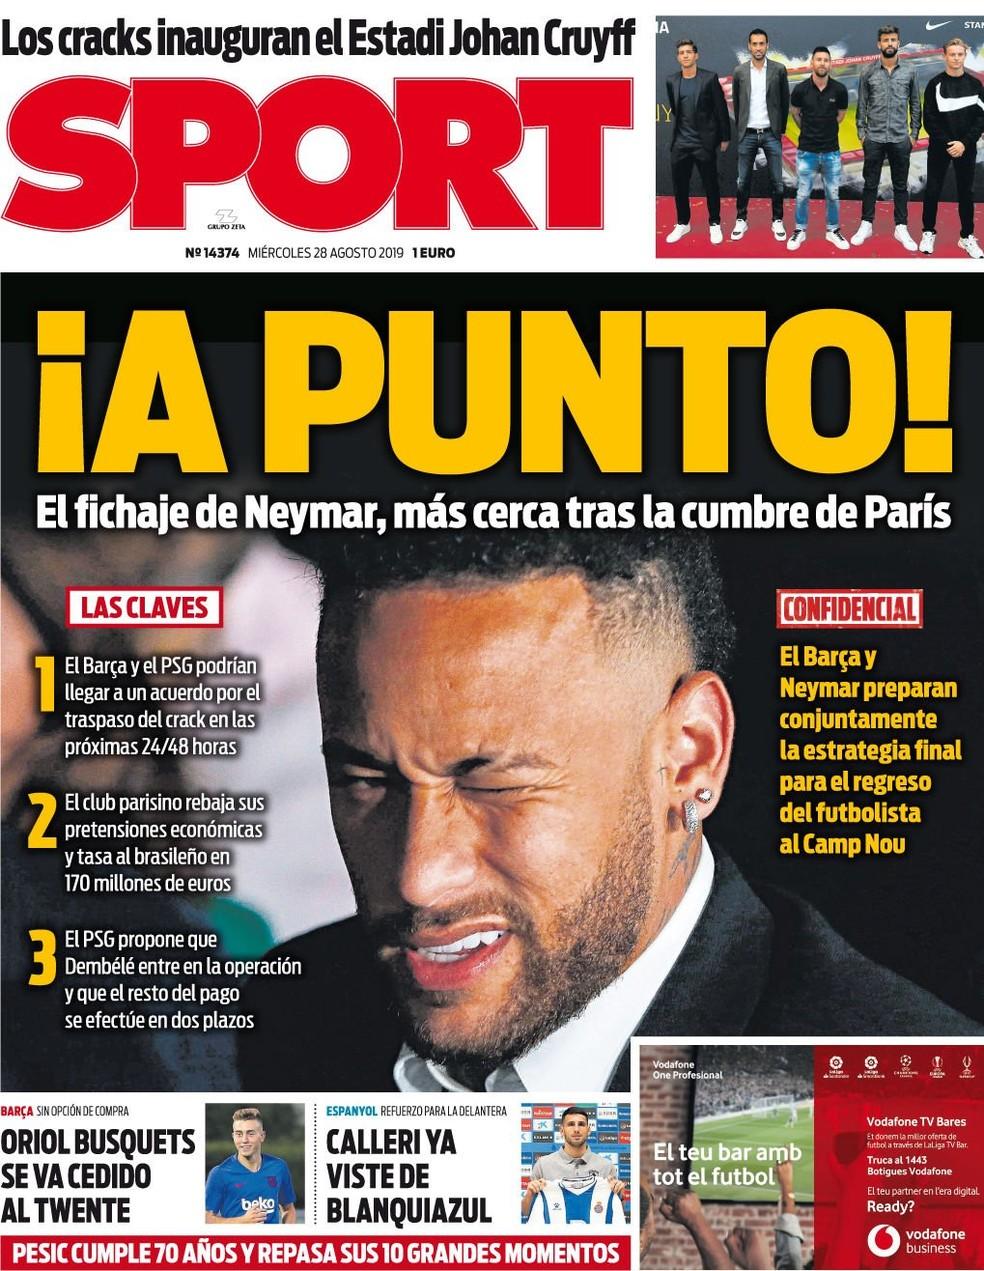 Capa do Sport sobre Neymar, Barcelona e Paris Saint-Germain — Foto: Divulgação